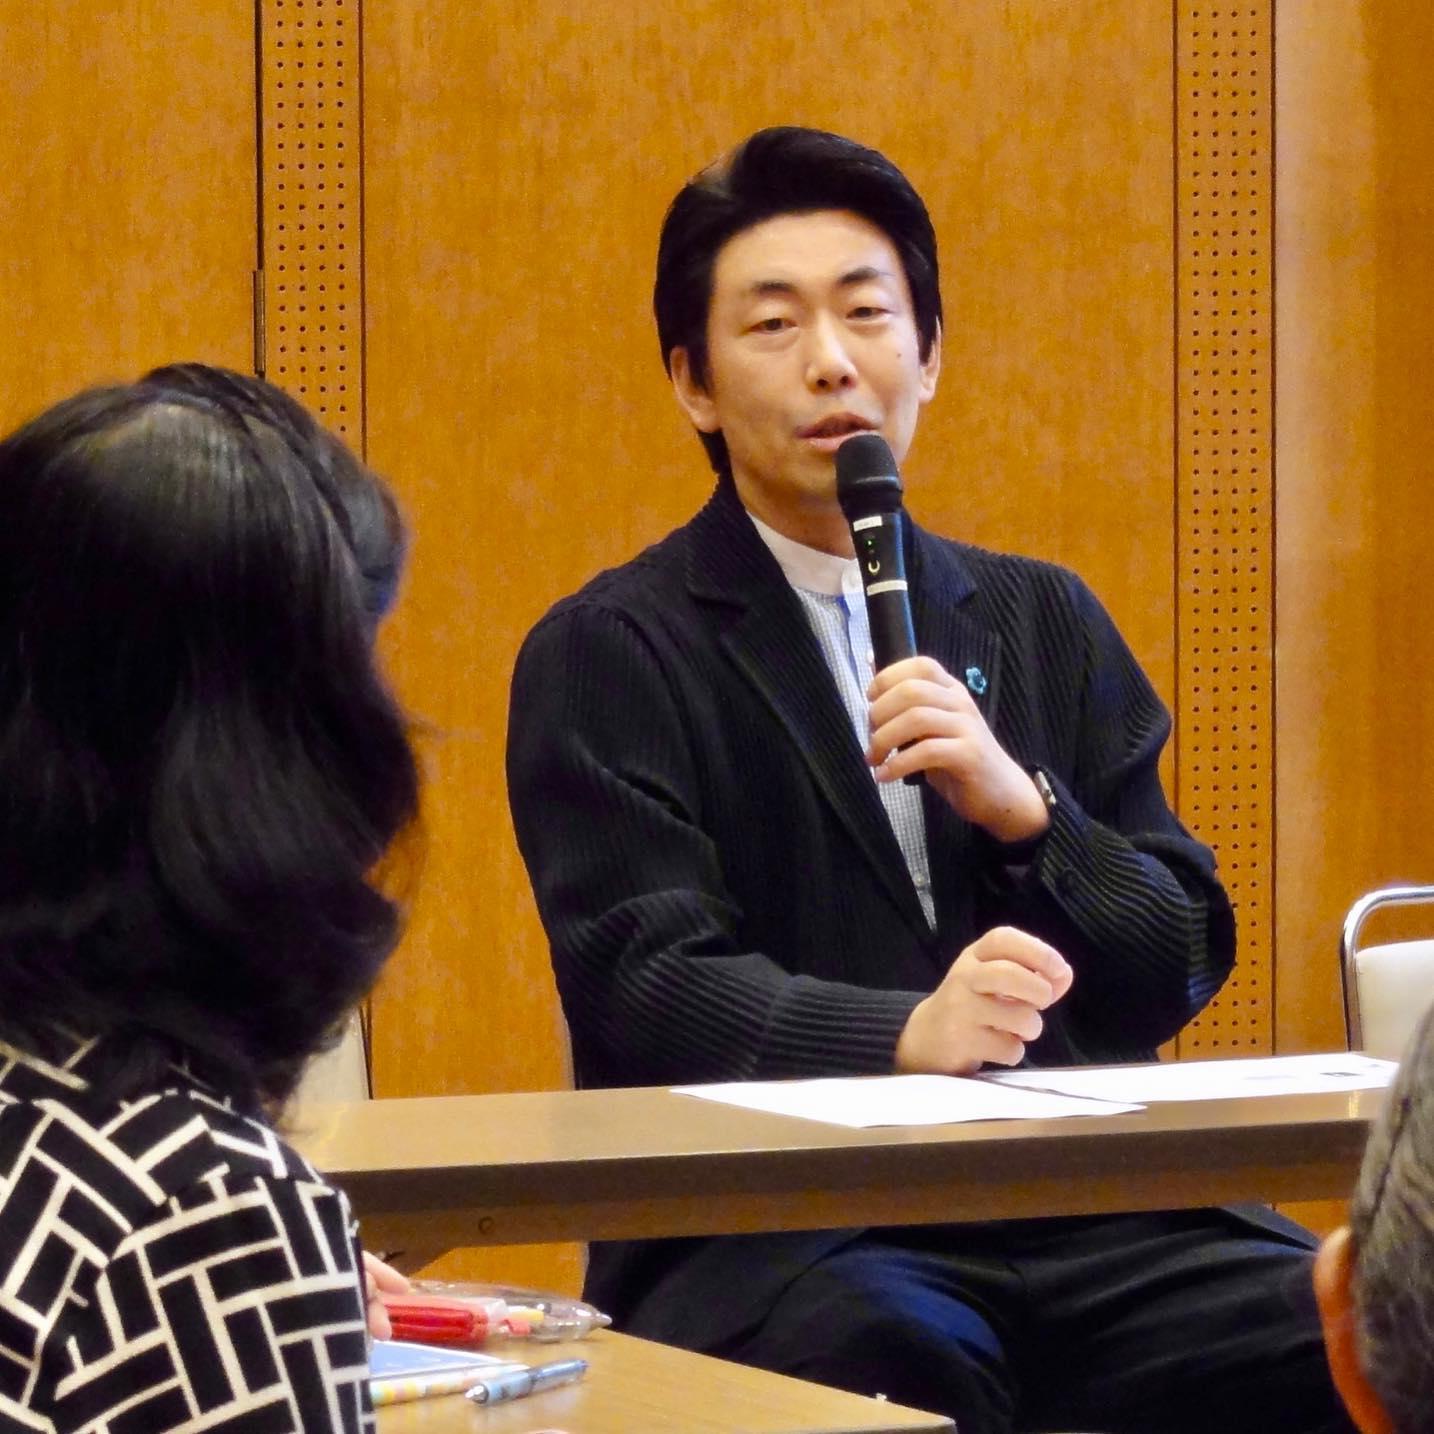 東京外国語大学へ出講